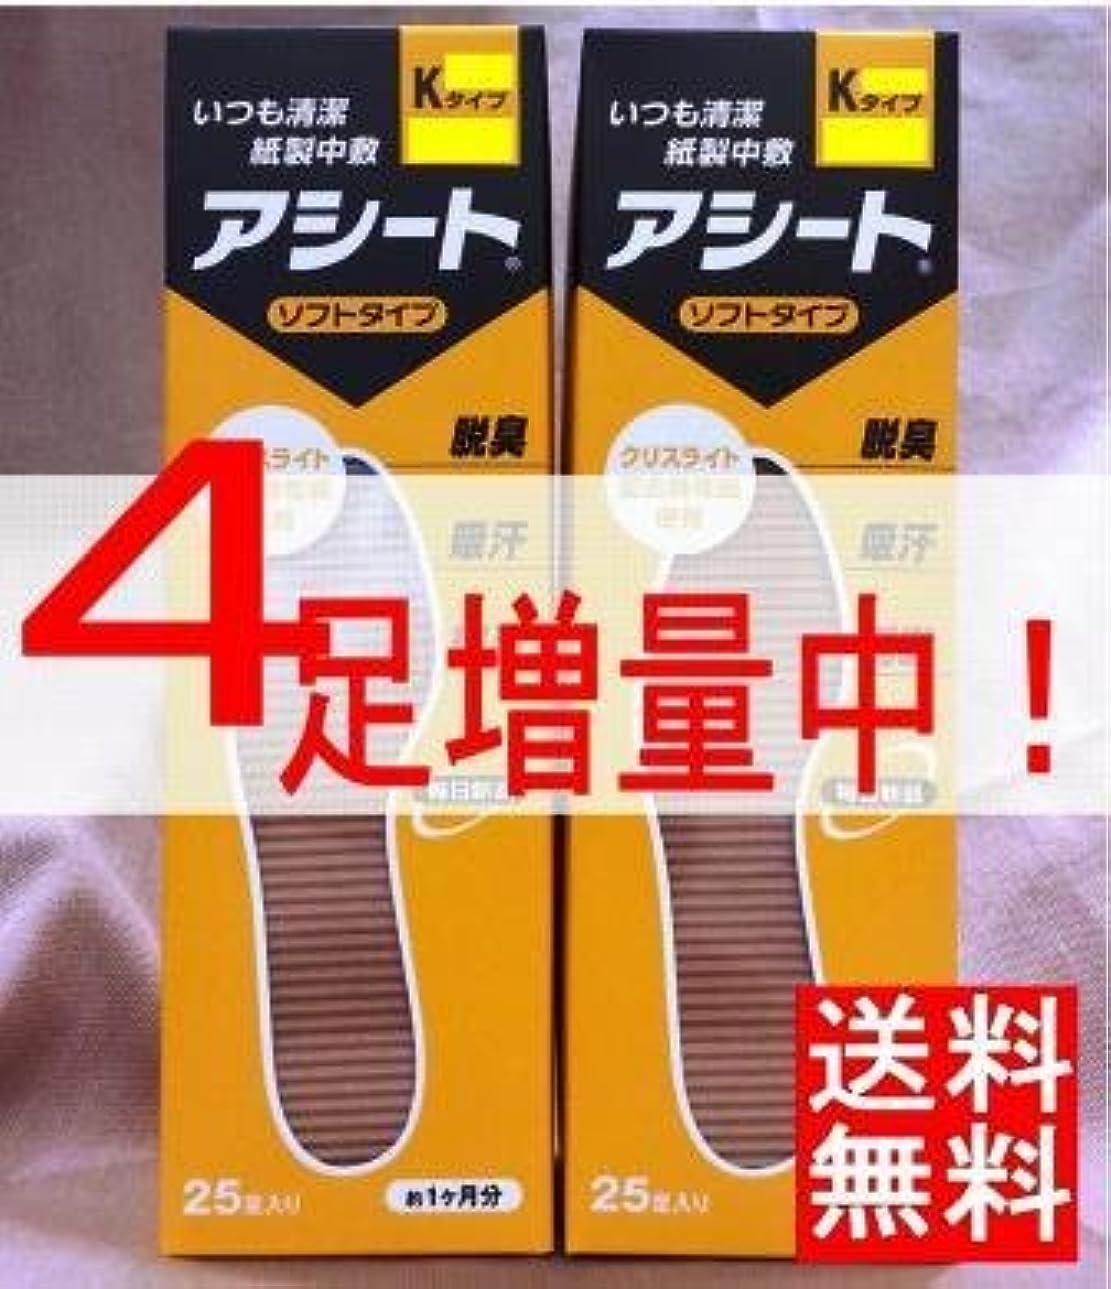 バランスのとれたぼろ評価アシートK (サイズ23cm)×2箱セット(4足増量中)